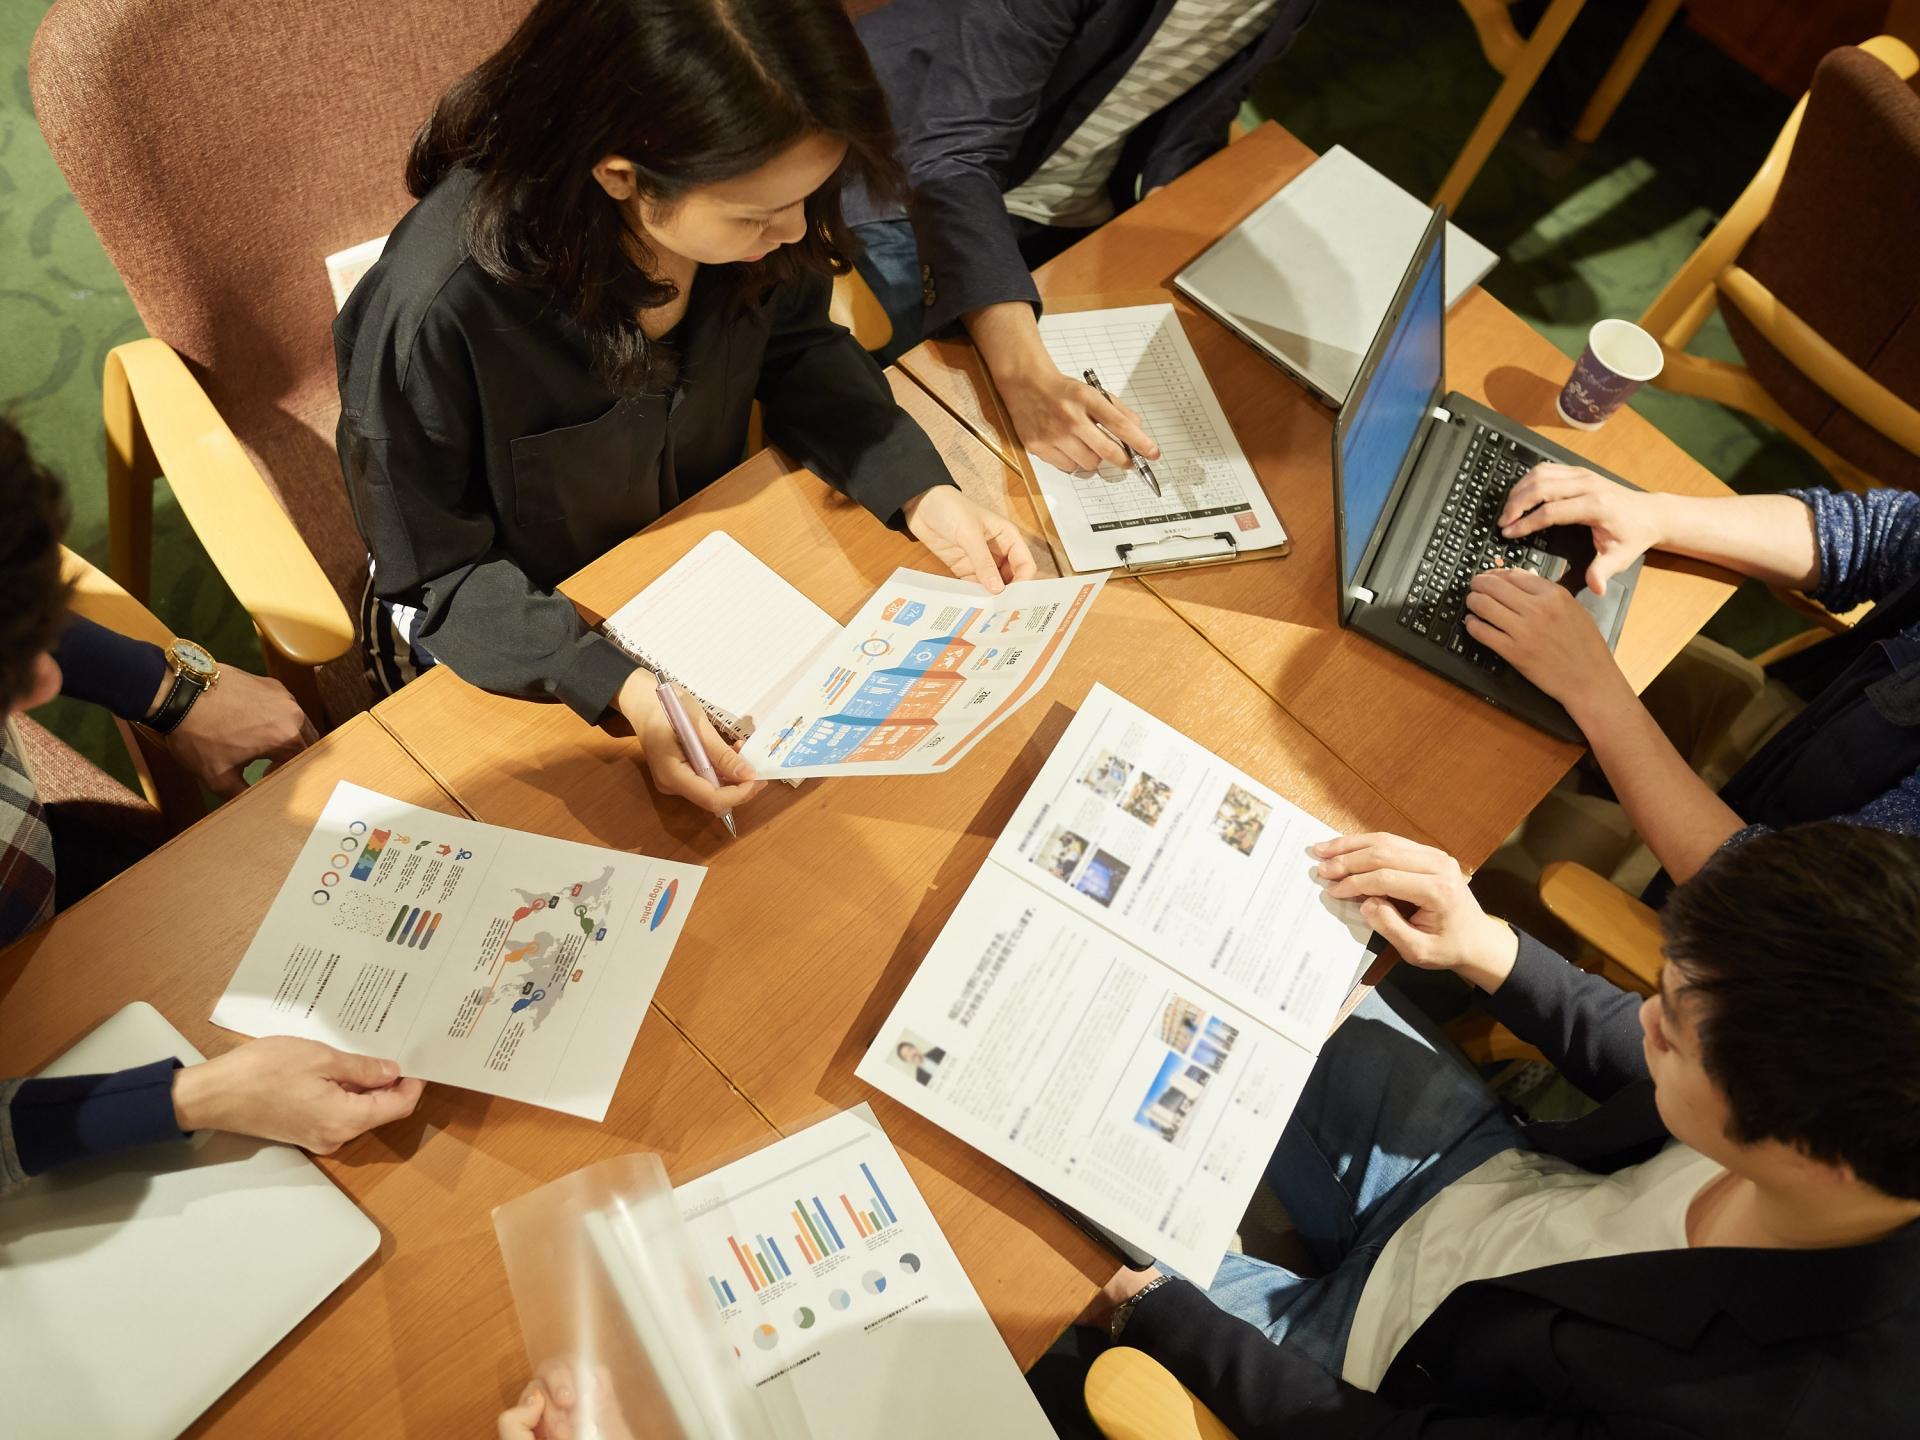 記事 江東区放課後等デイサービス 利用者募集していますのアイキャッチ画像